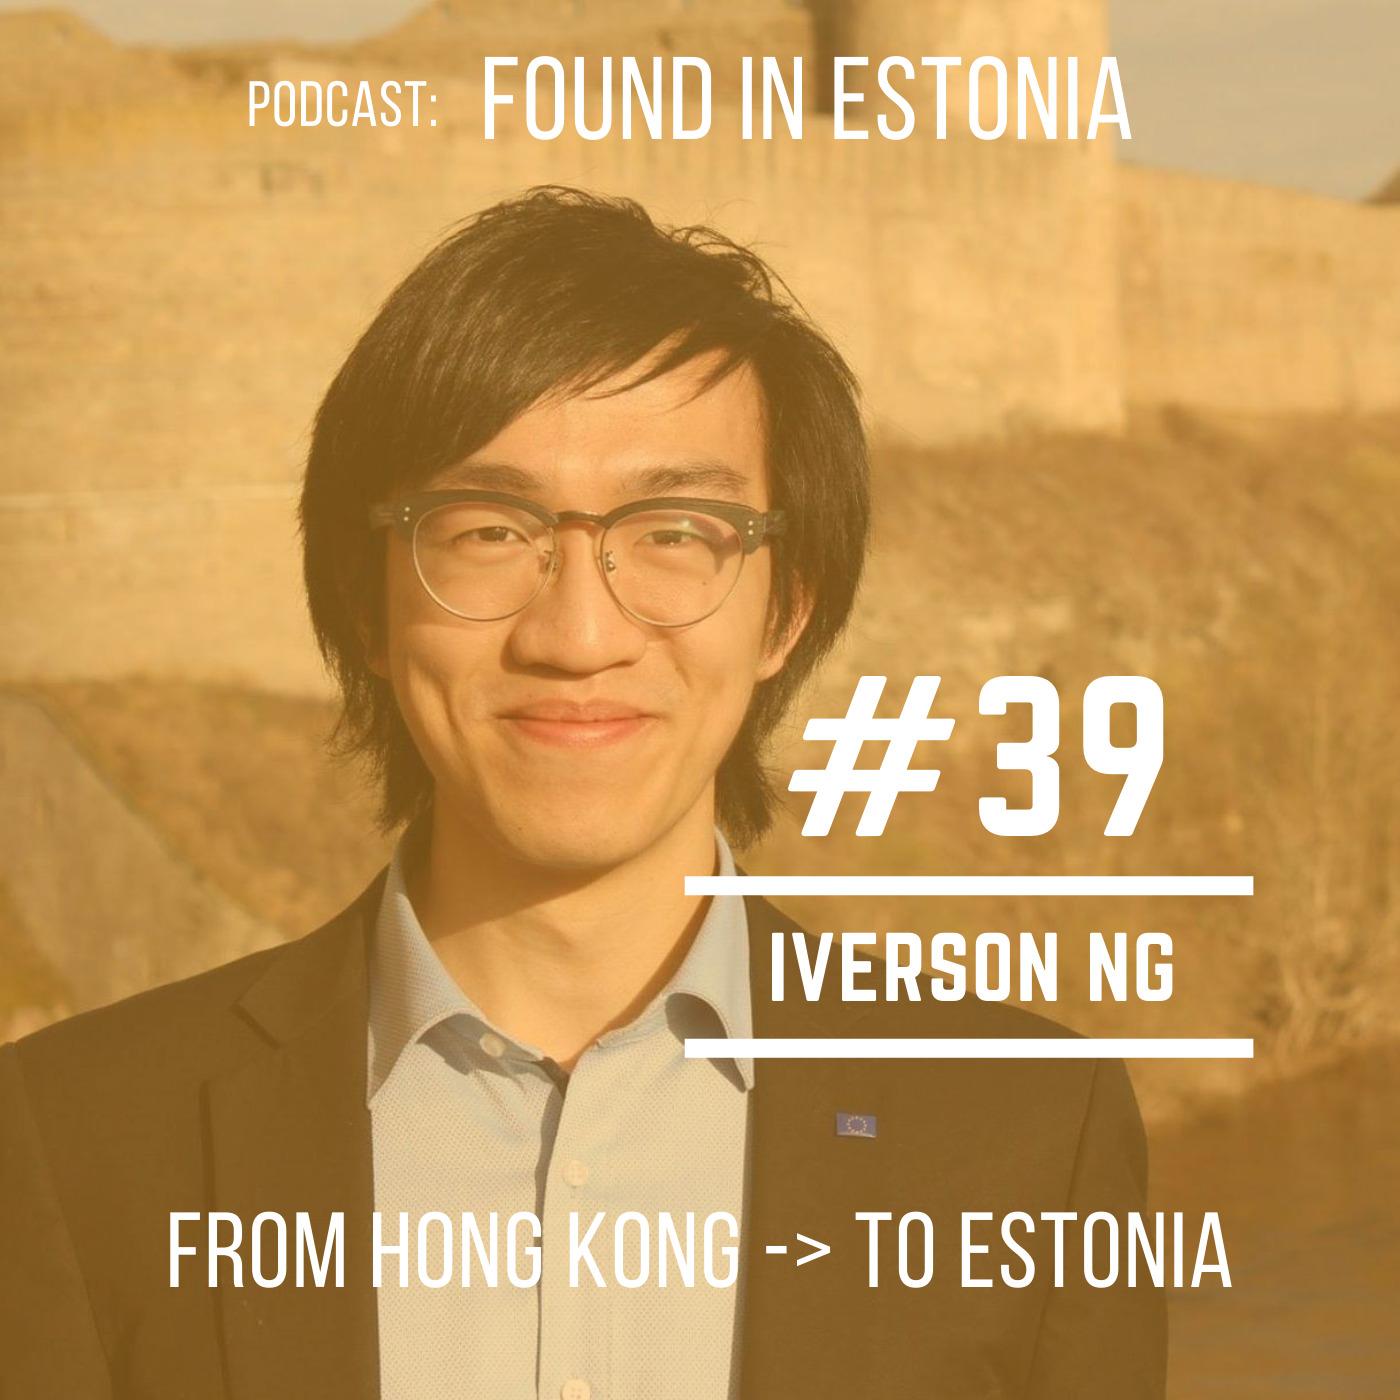 #39 Iverson Ng from Hong Kong